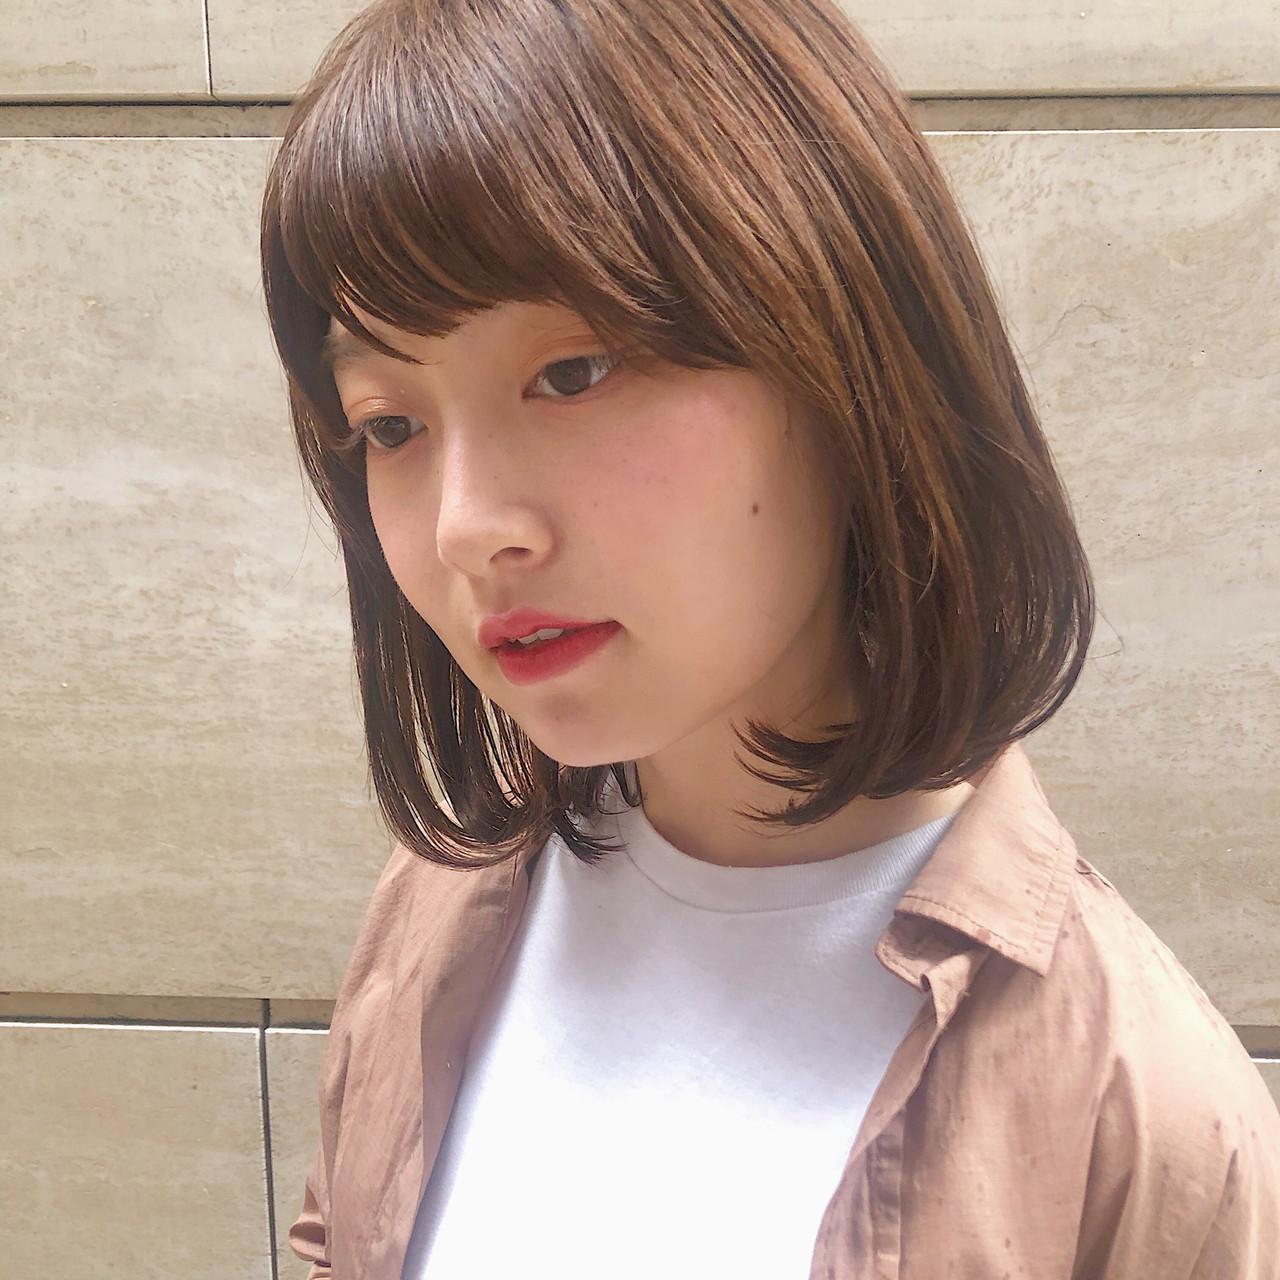 ボブ ナチュラル モテボブ 簡単ヘアアレンジ ヘアスタイルや髪型の写真・画像 | MARIA / EMMA GINZA